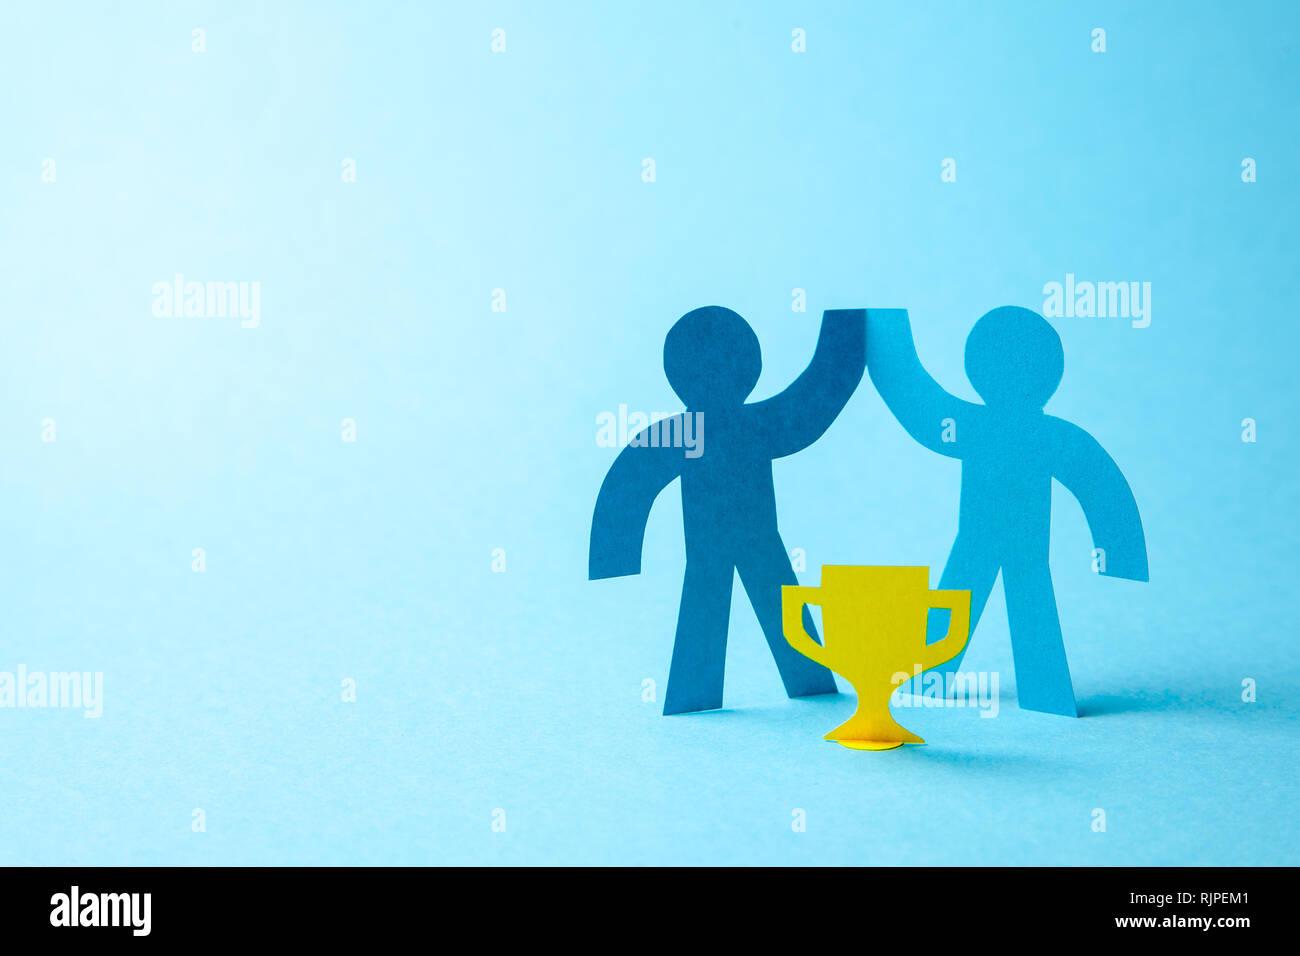 Erfolgreiche Business Team Sieger hält Gold Cup in den Händen. Team Building. Leiter und Mitarbeiter erreichen das Ziel. Kopieren Sie Platz für Text. Stockfoto